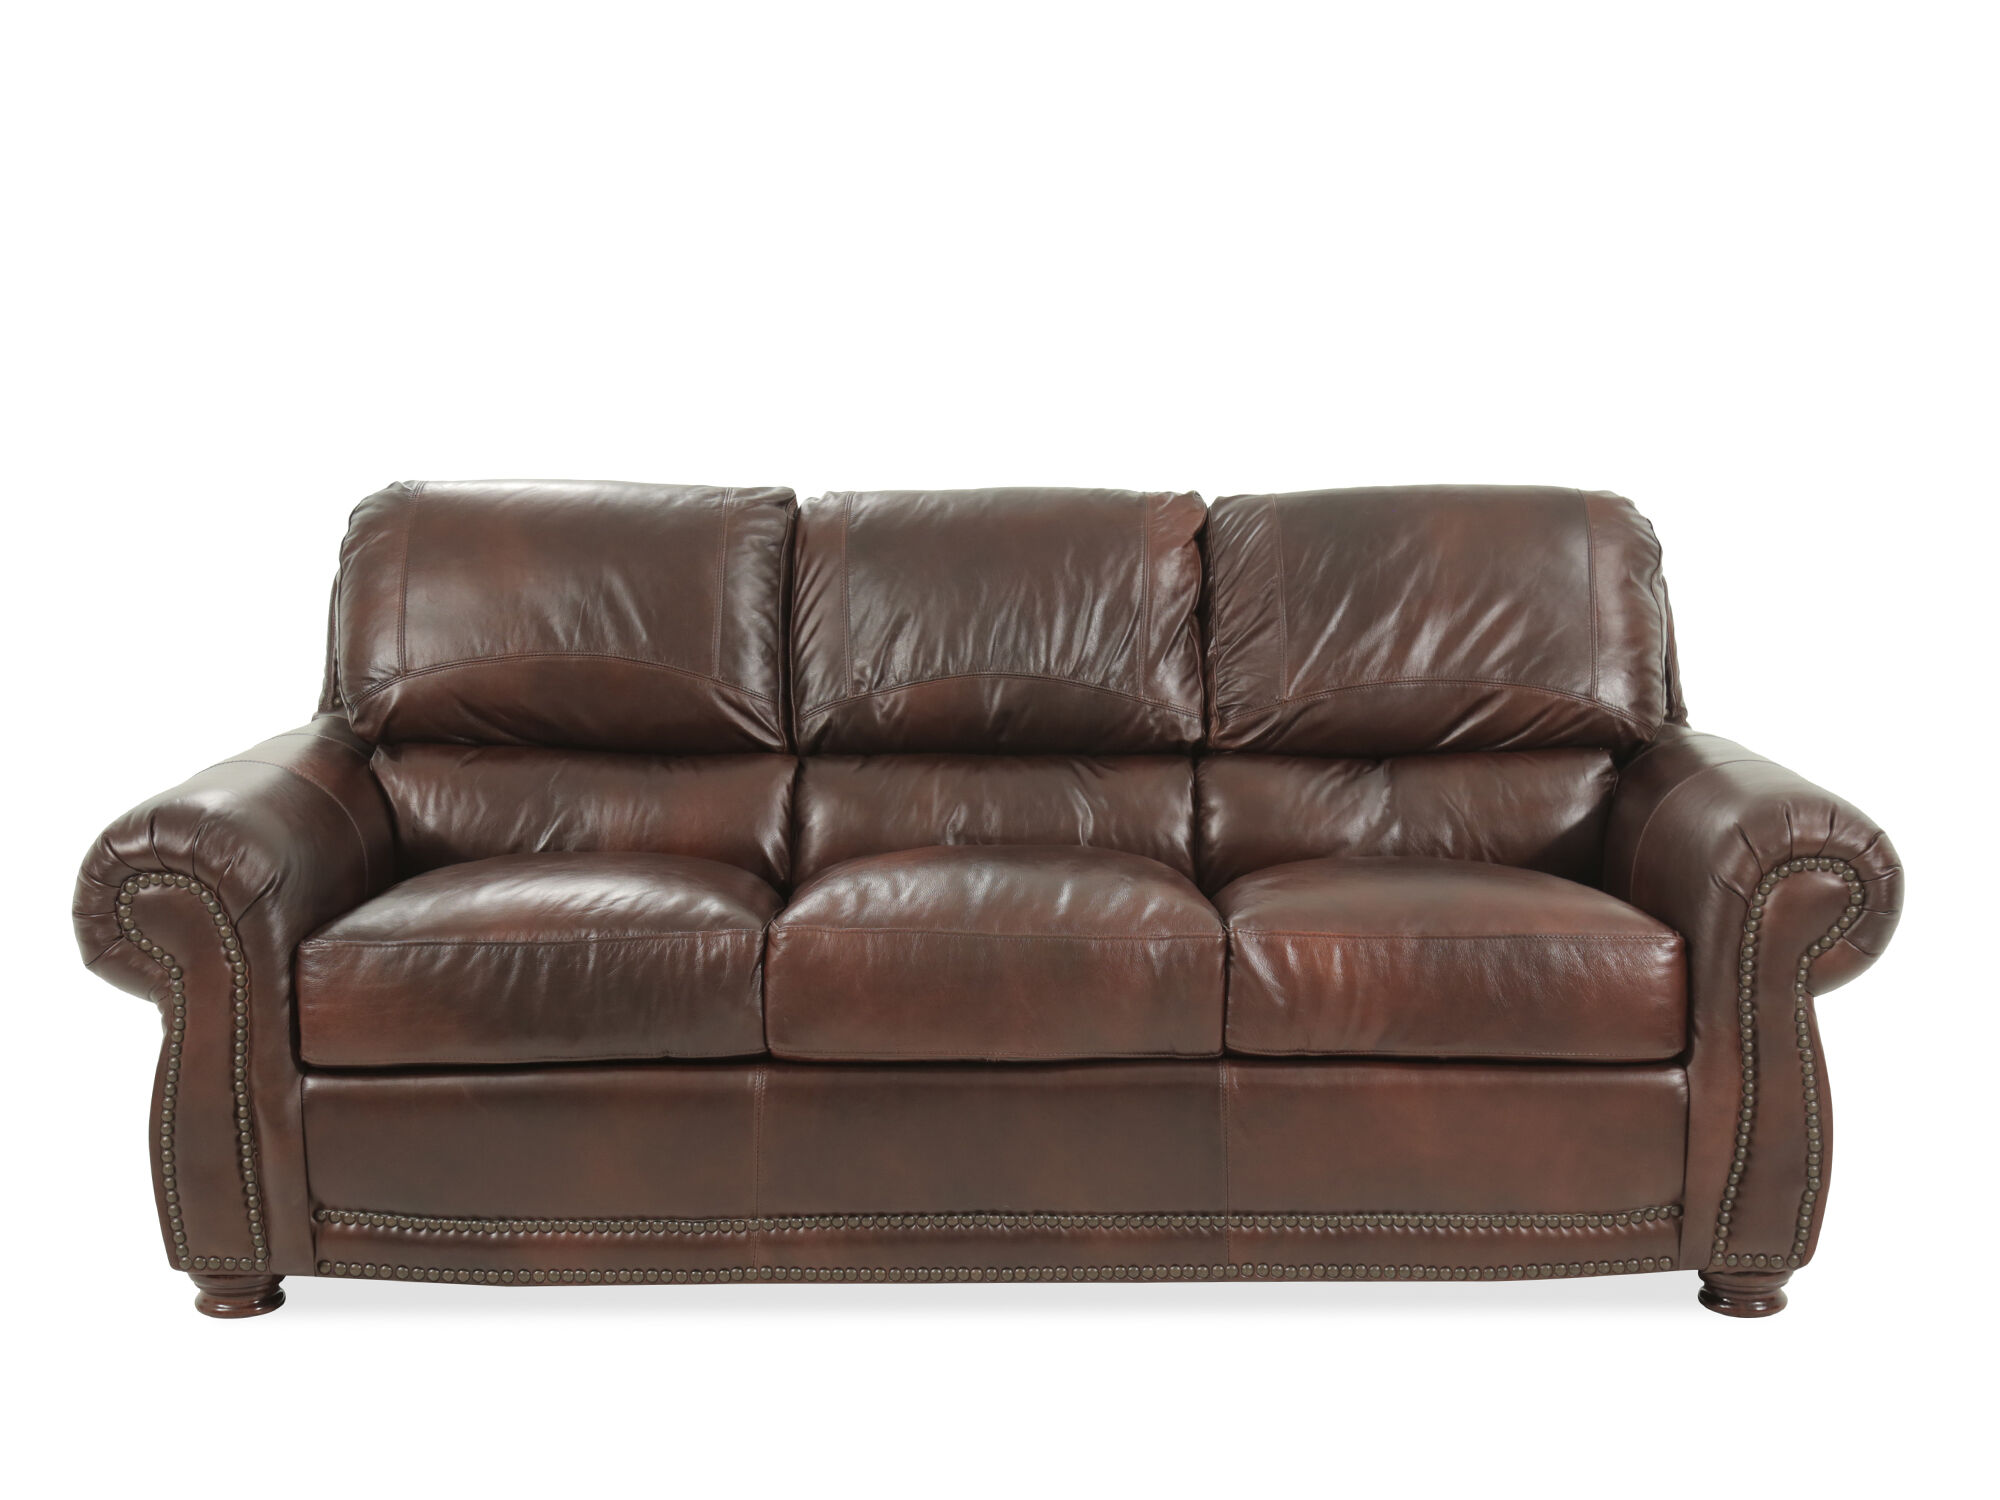 85 Leather Sofa In Amaretto